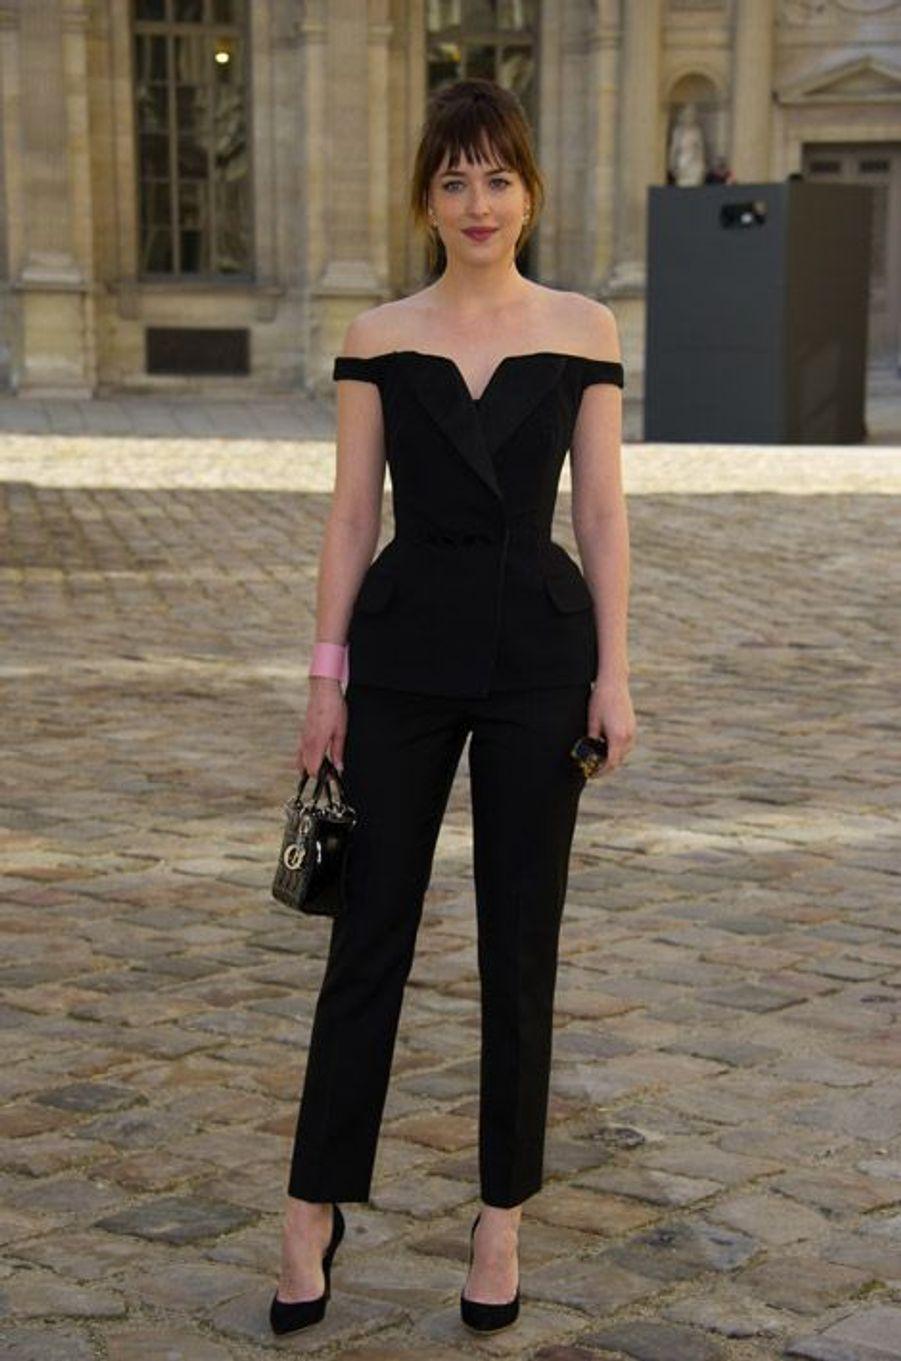 L'actrice américaine Dakota Johnson et fille de Melanie Griffith avant le défilé Dior à Paris, le 6 mars 2015